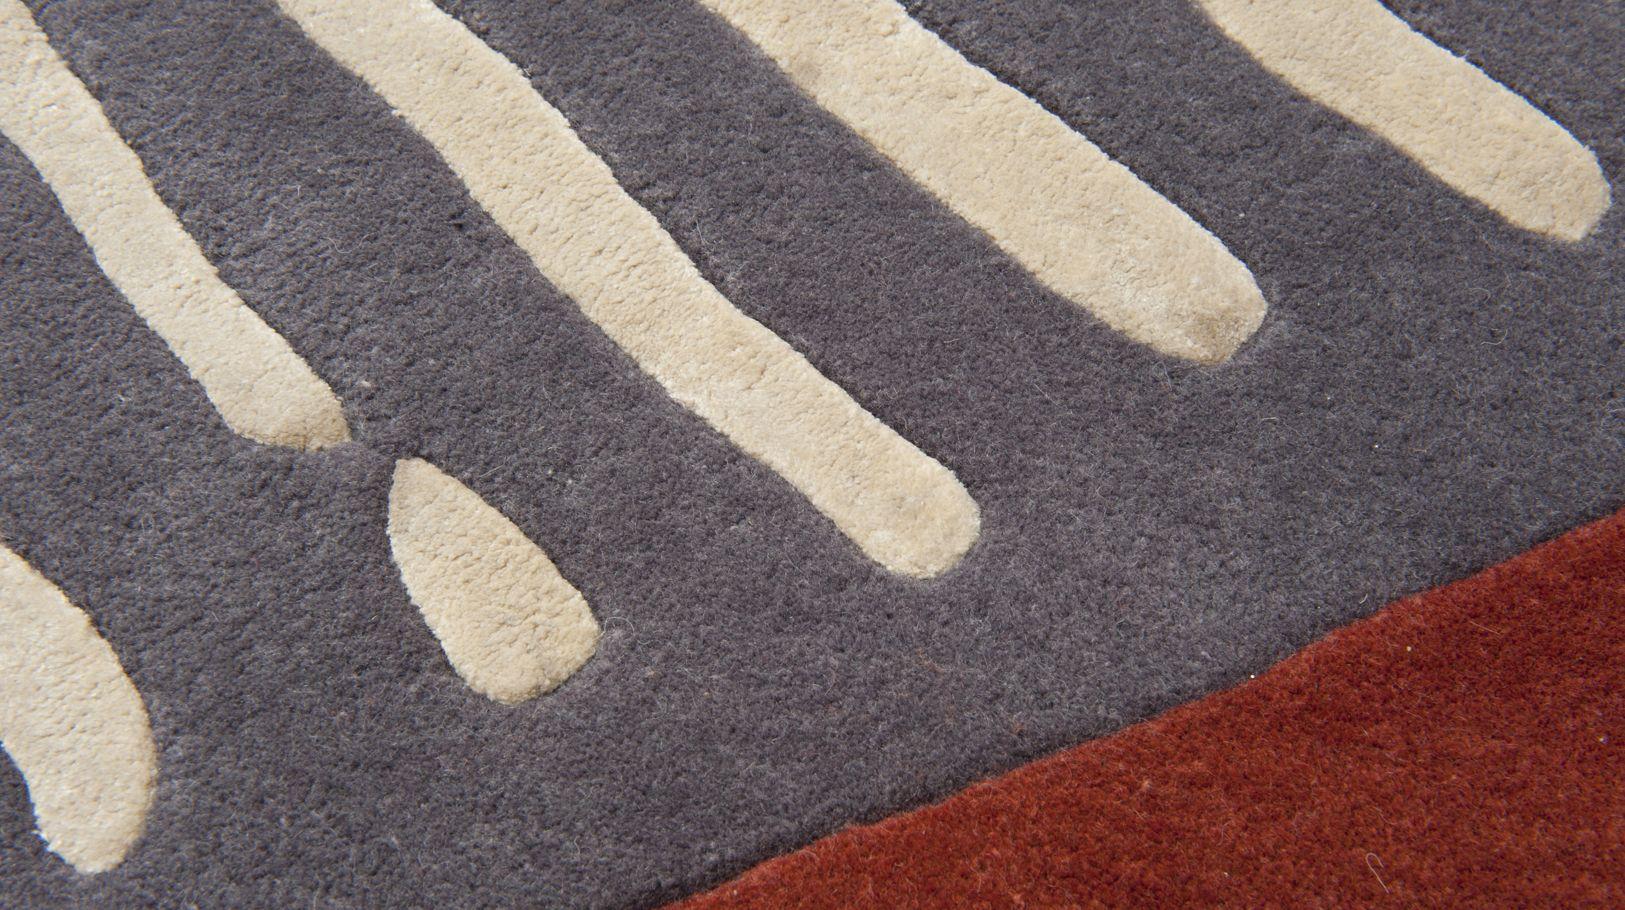 alfombra allegro roche bobois. Black Bedroom Furniture Sets. Home Design Ideas